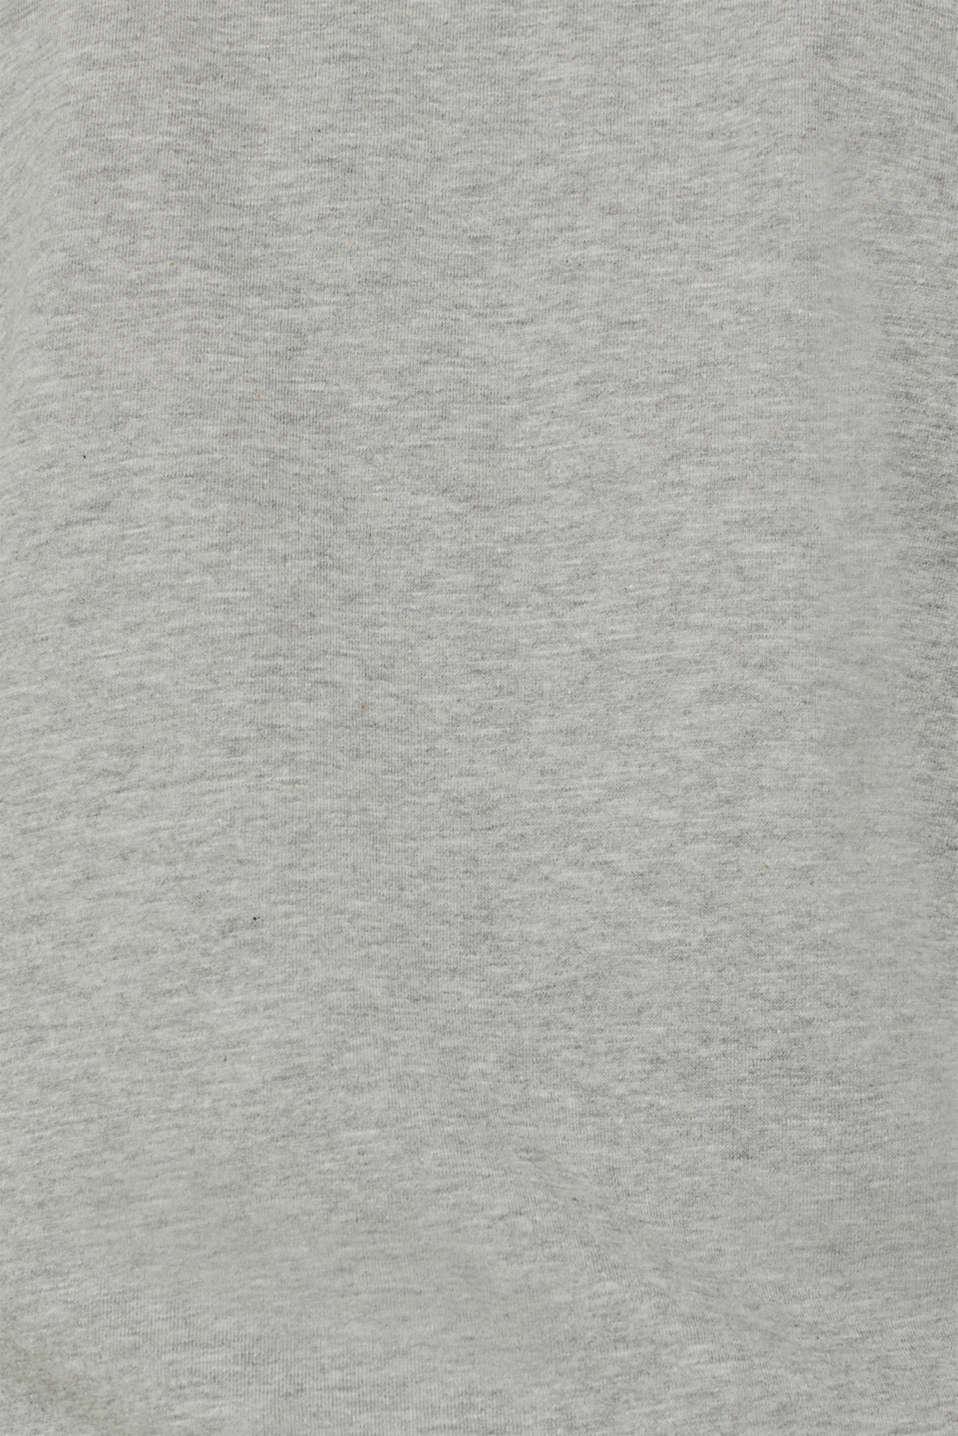 Cotton blend sweatshirt cardigan, MEDIUM GREY 5, detail image number 4